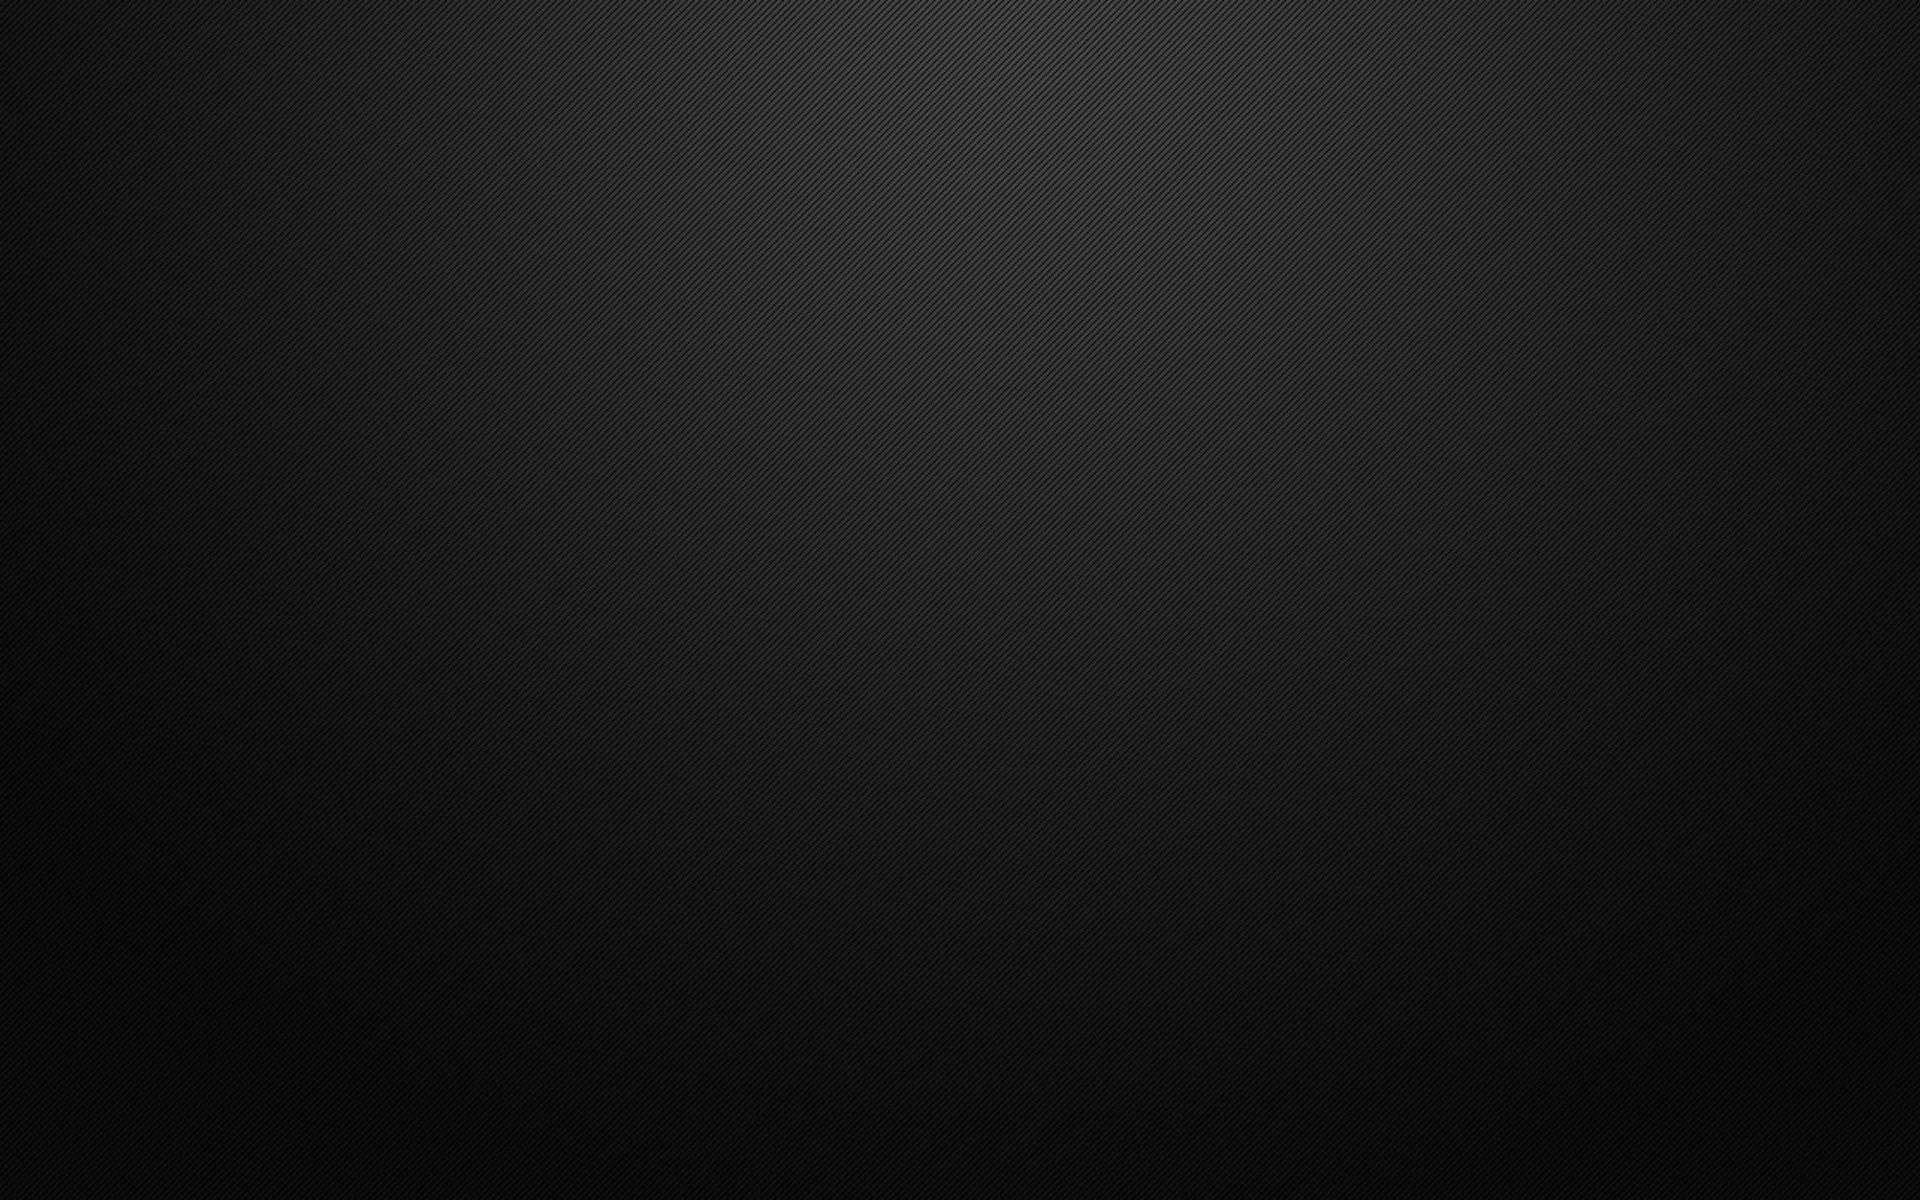 68951 Заставки и Обои Текстуры на телефон. Скачать Текстуры, Текстура, Линии, Фон, Темный, Поверхность, Наискось картинки бесплатно